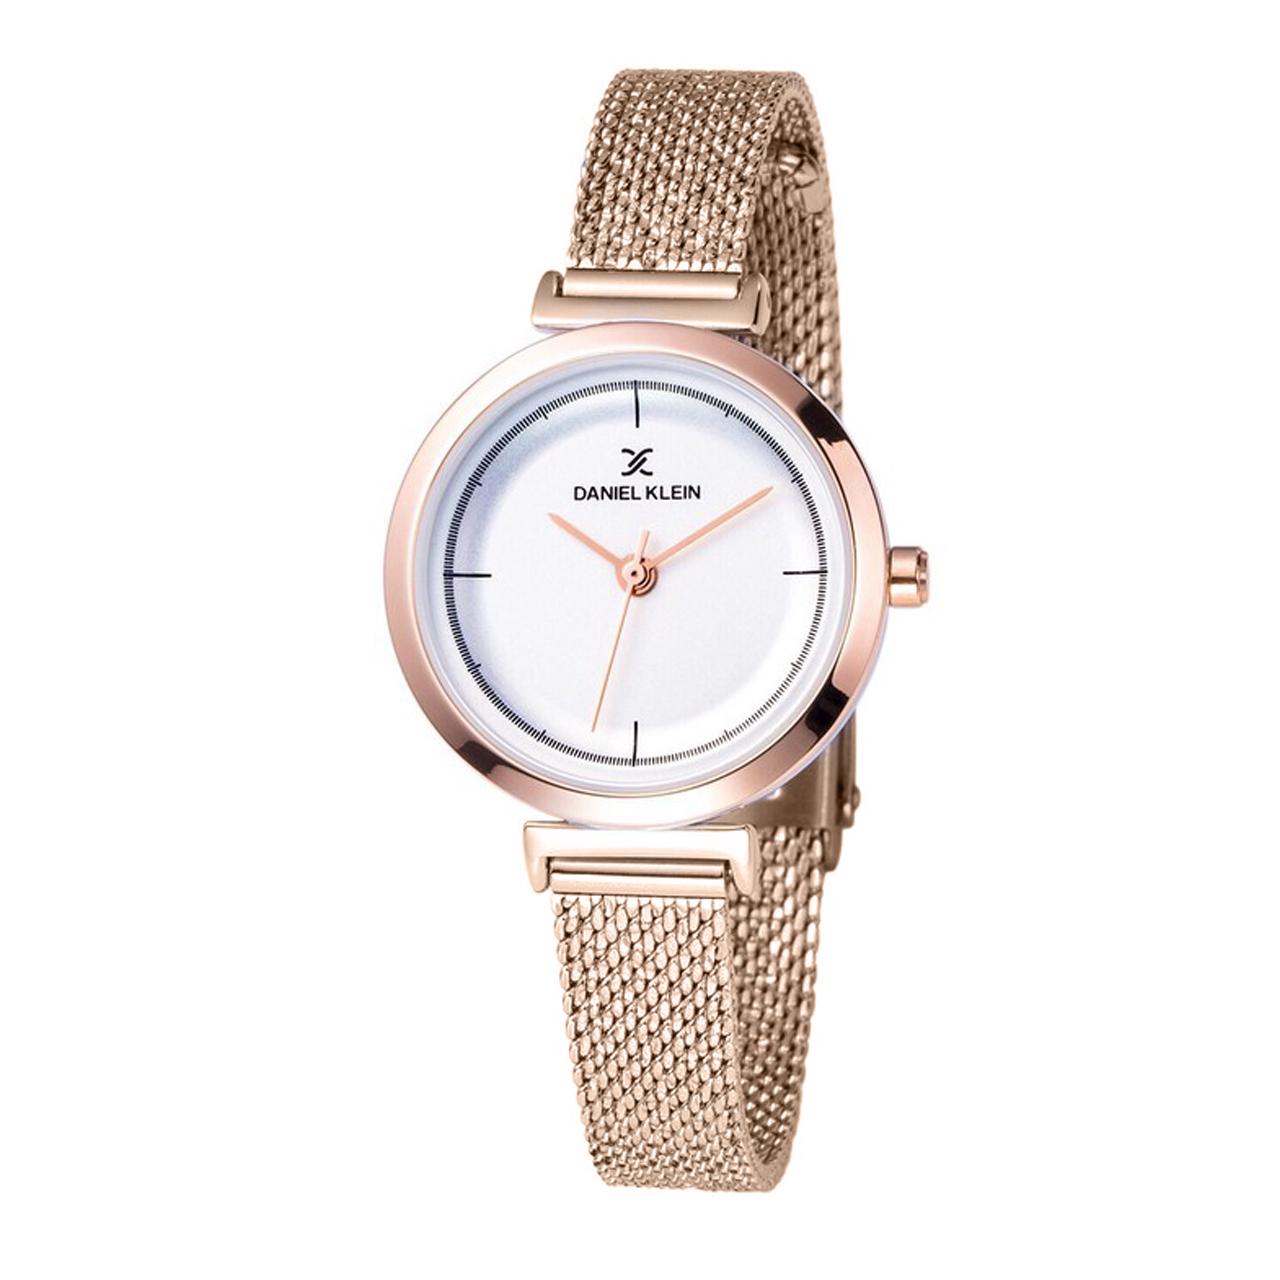 ساعت مچی عقربه ای زنانه دنیل کلین مدل dk11899-3 به همراه دستمال مخصوص برند کلین واچ 23